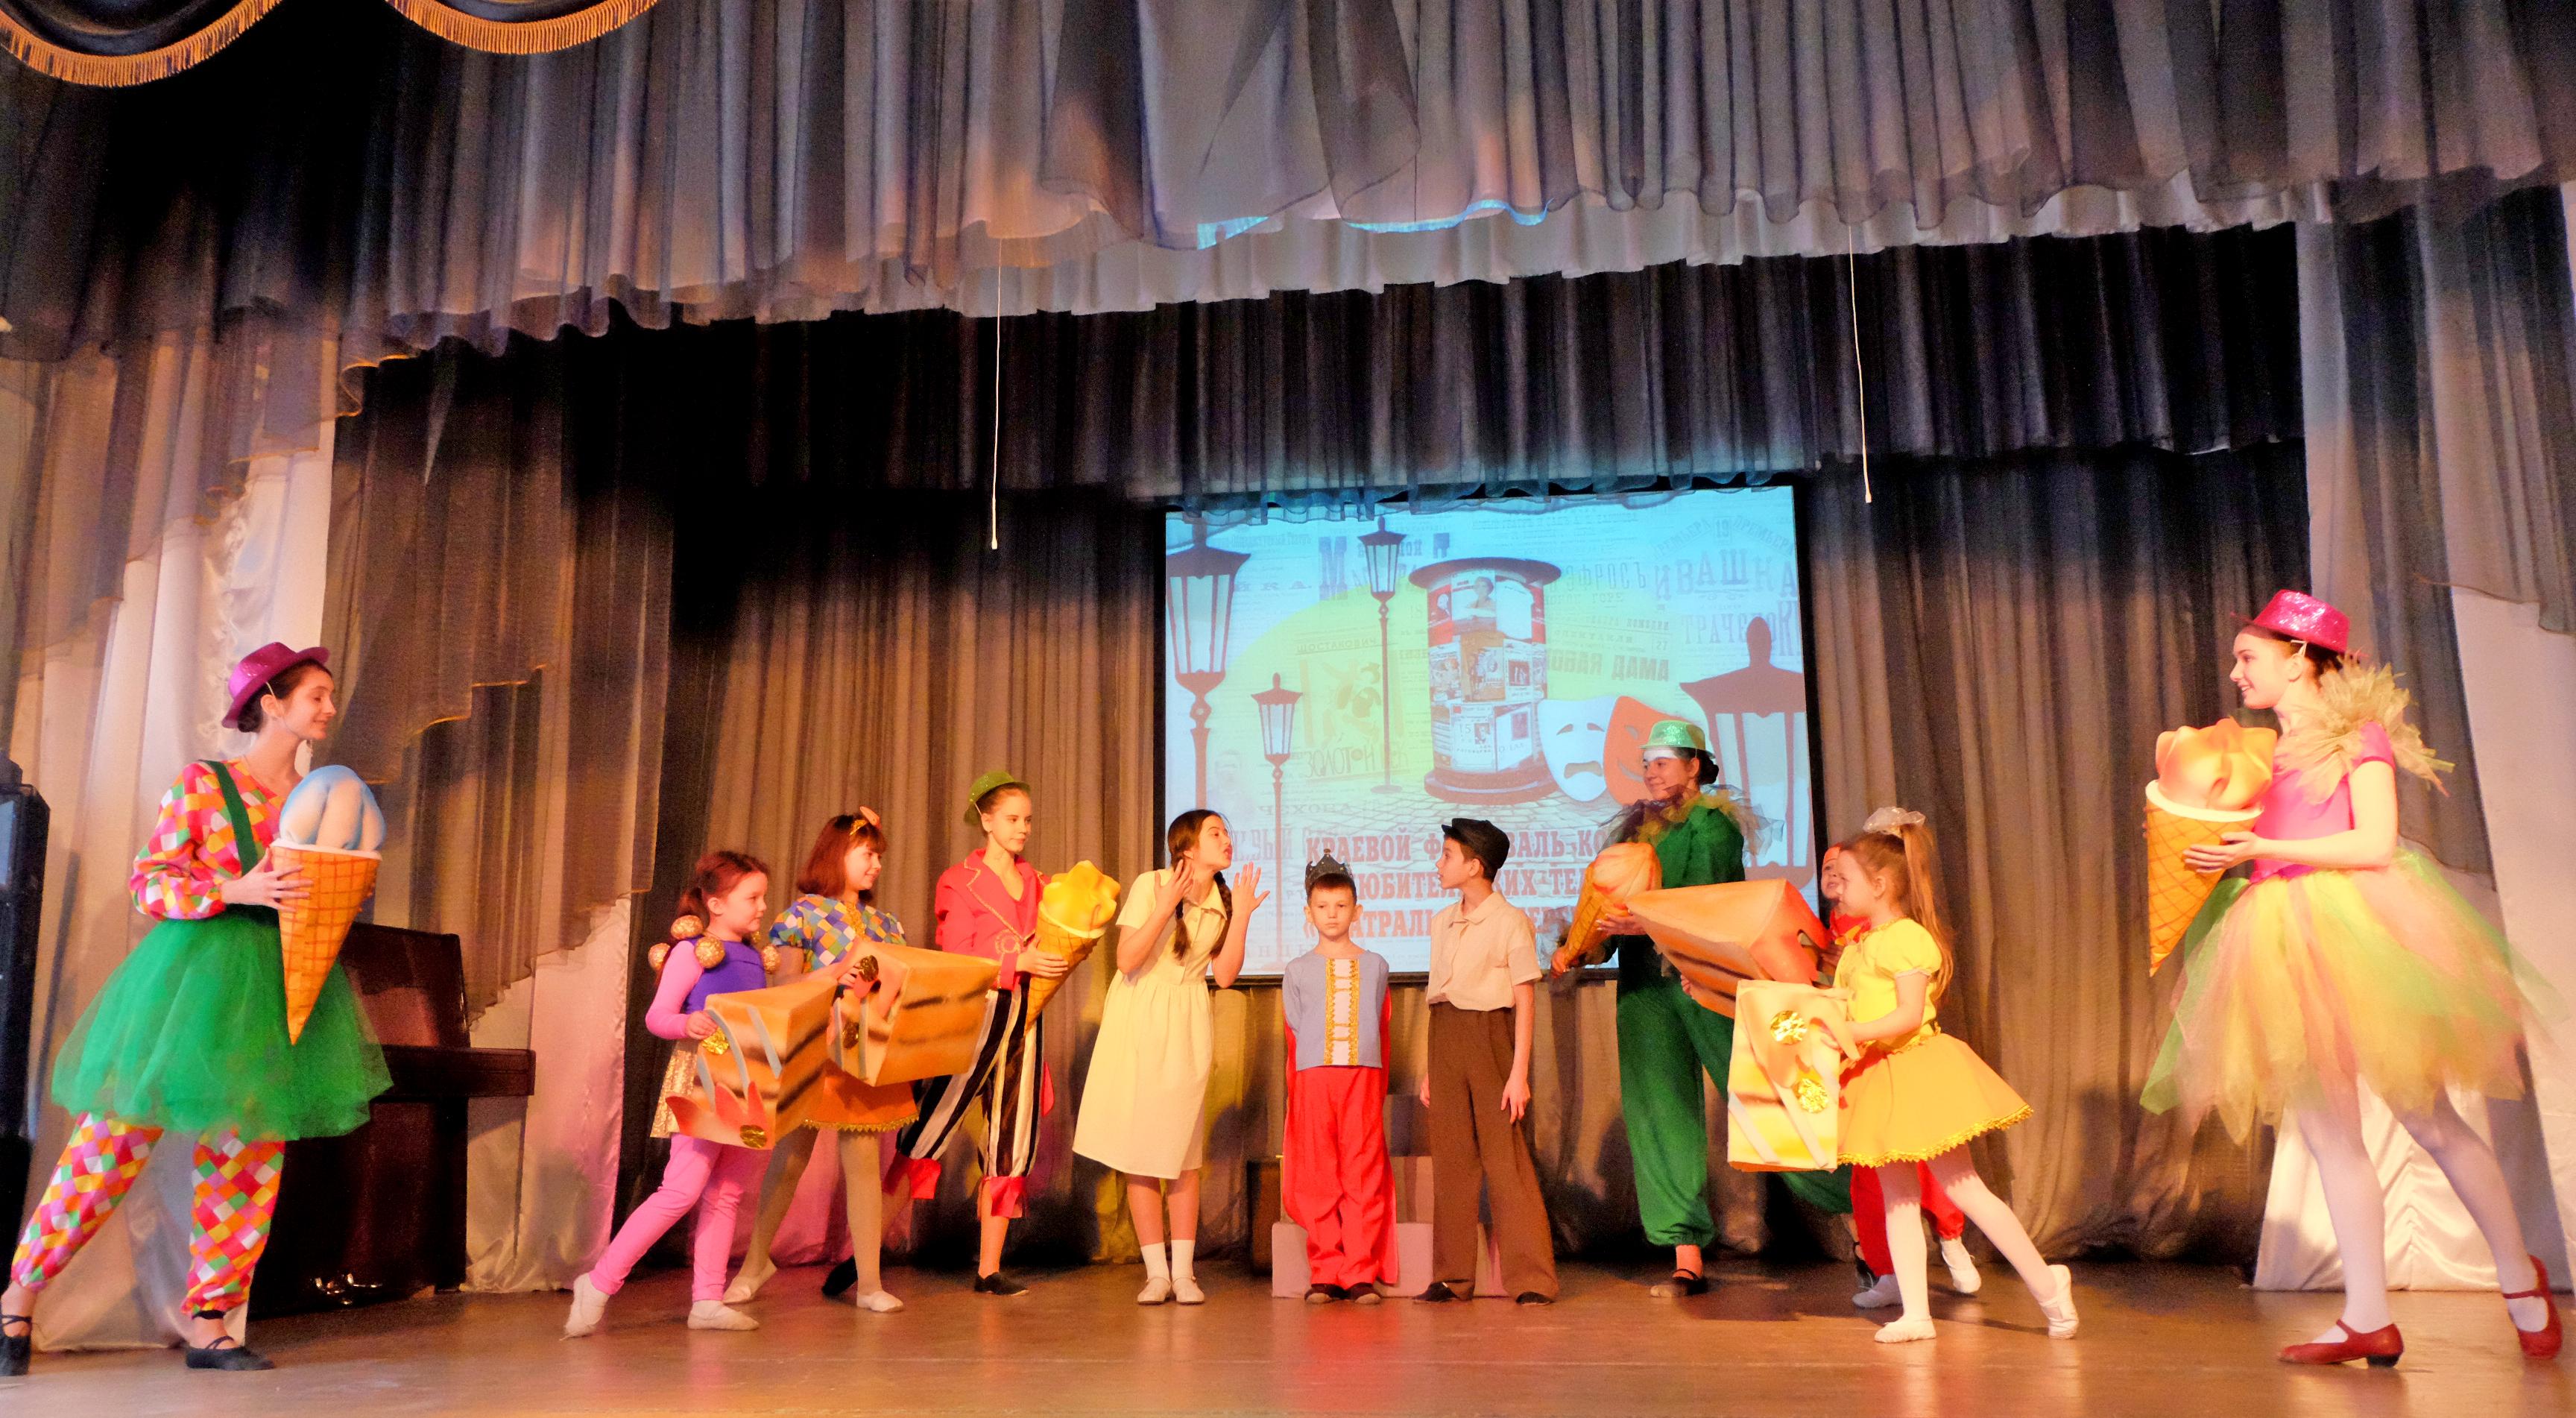 Зональный конкурс фестиваля «Театральный перекресток» состоялся в Ставрополе